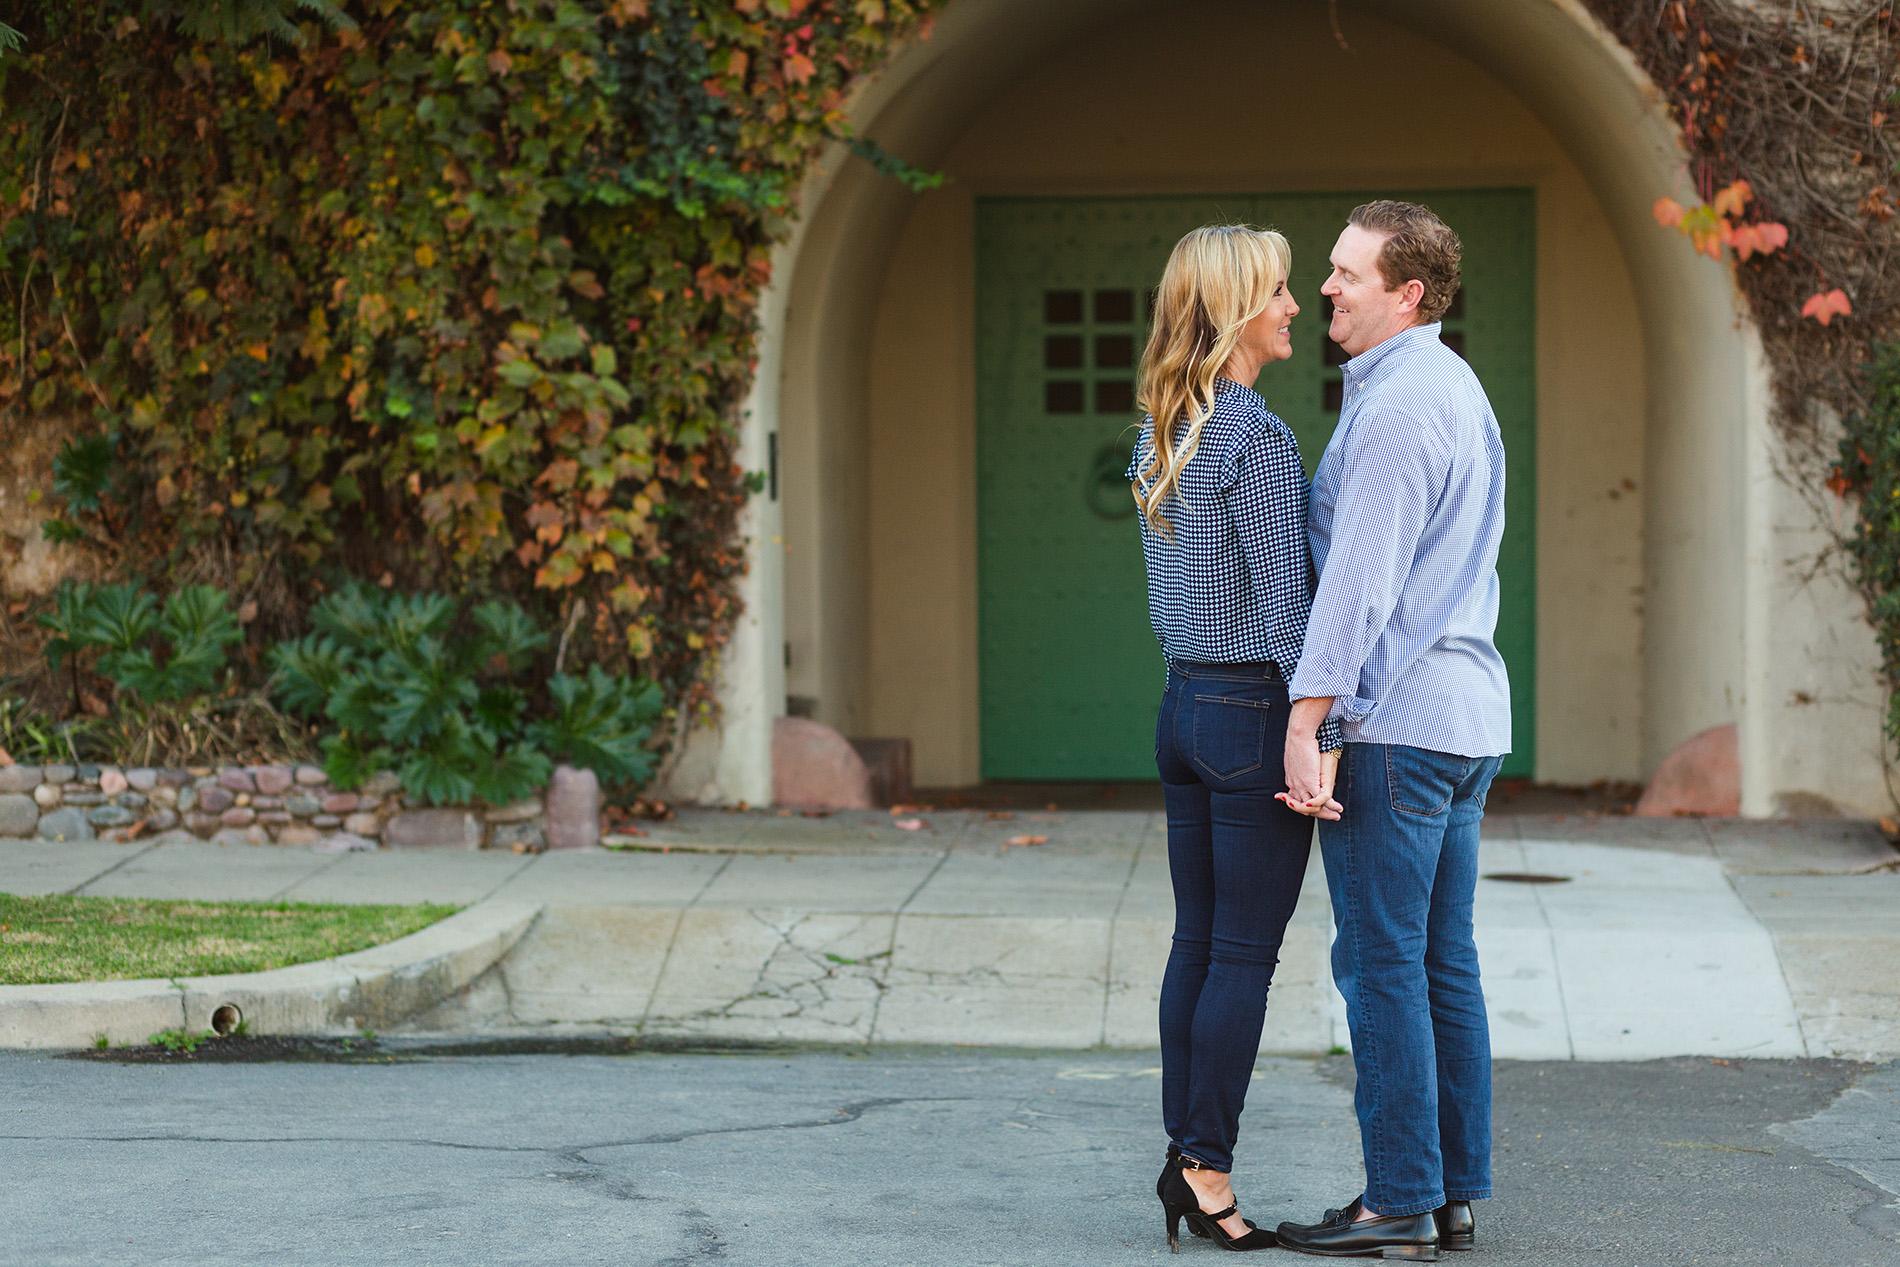 San Diego Family Photographer Christine Dammann Photography Holiday Photos.SFWS50.jpg